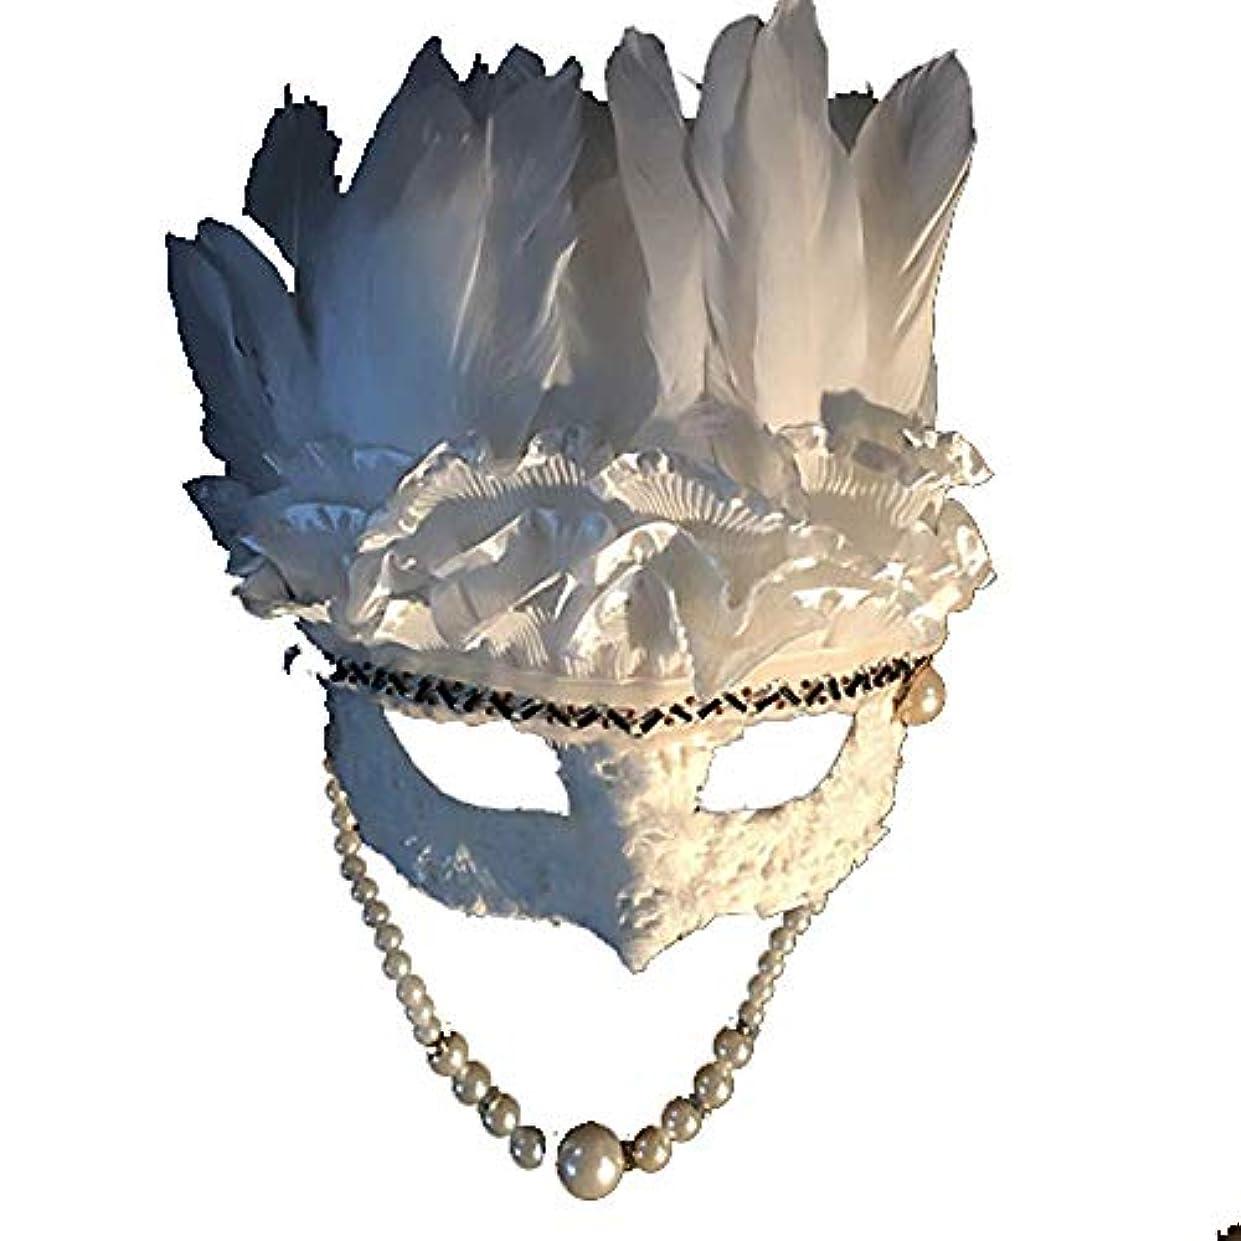 プロポーショナル言う人種Nanle ハロウィンクリスマスフェザースパンコール刺繍ビーズマスク仮装マスクレディミスプリンセス美容祭パーティーデコレーションマスク